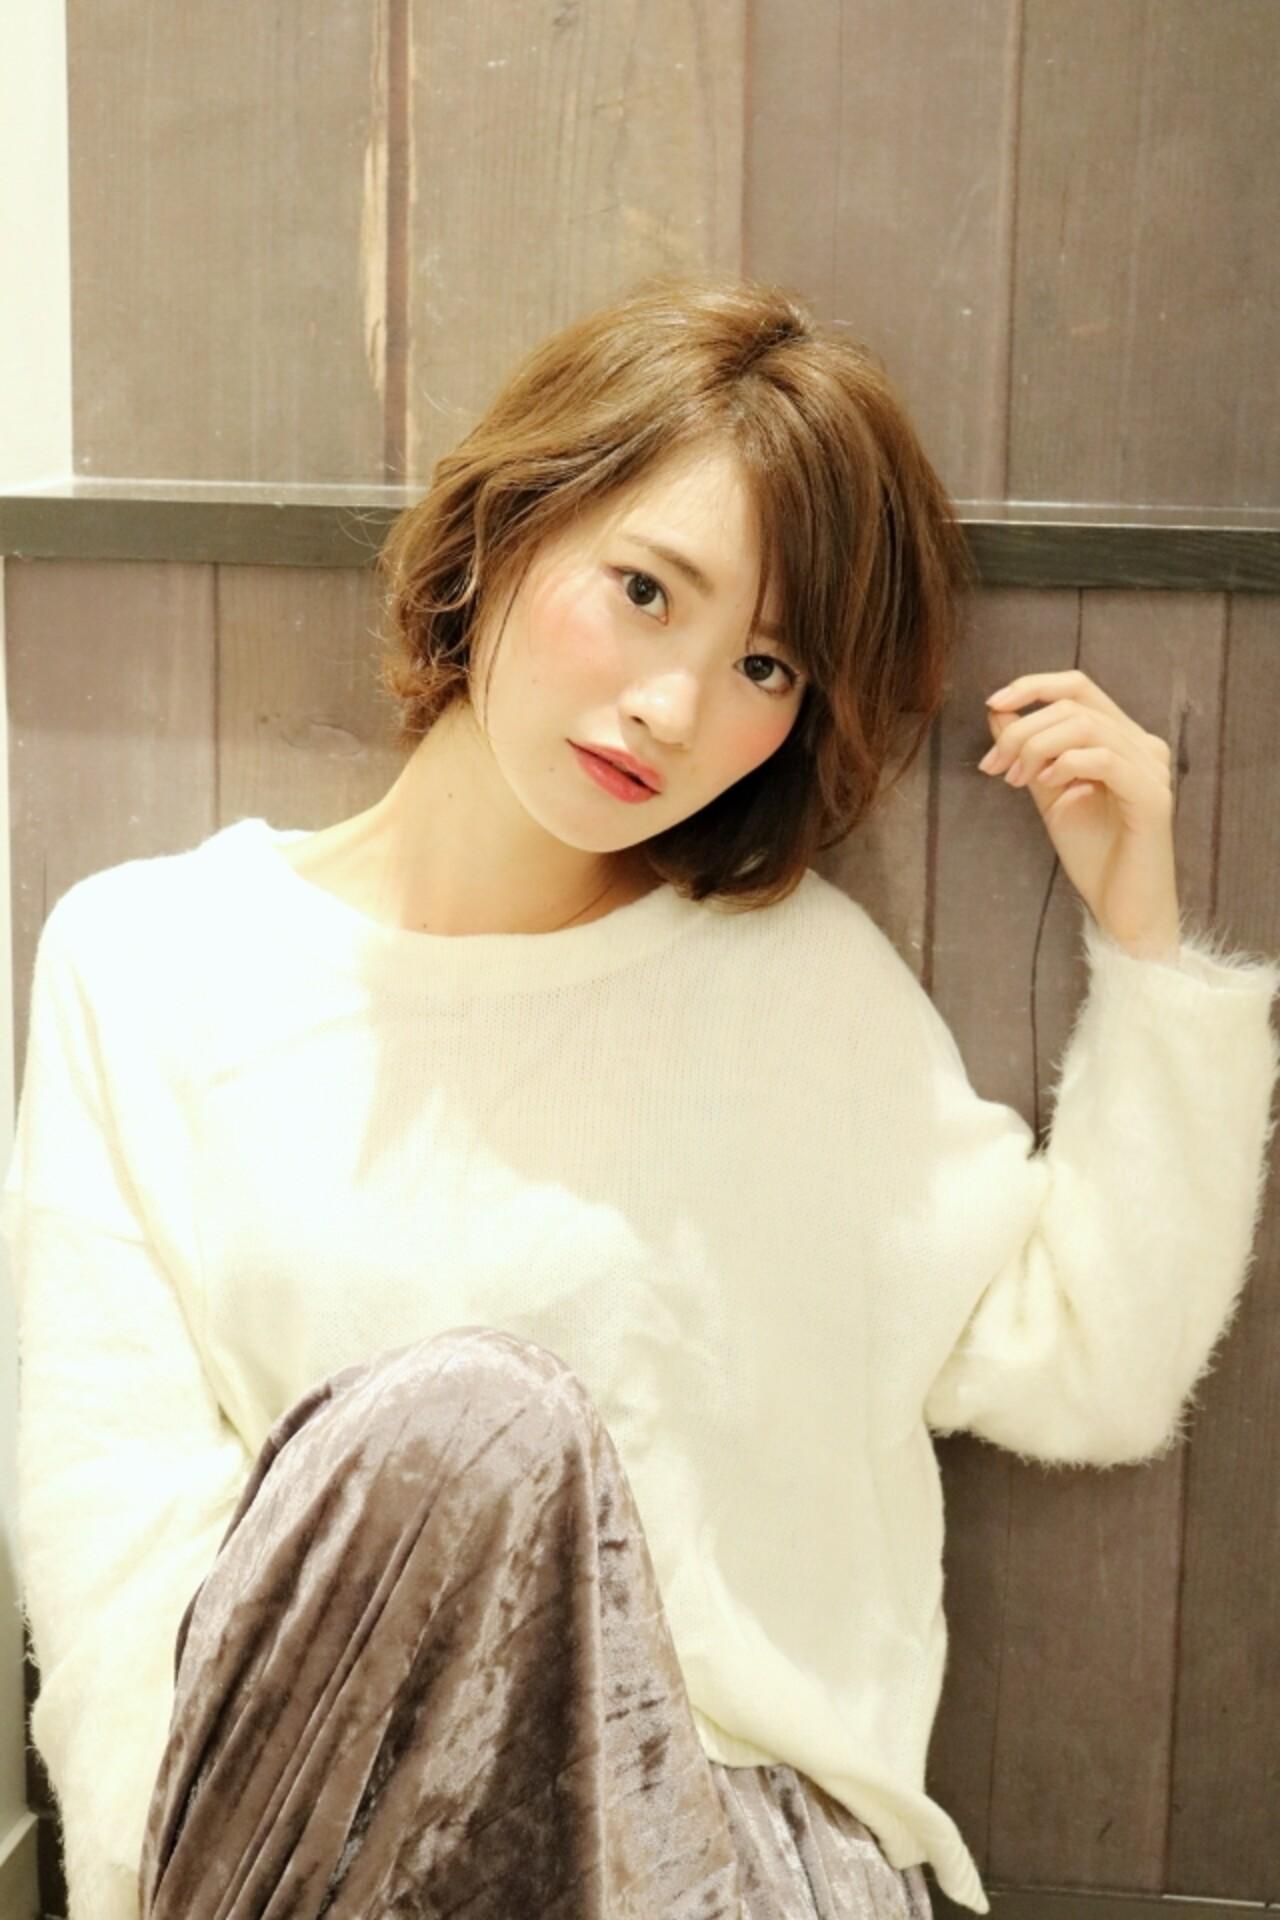 かわいい ショート フェミニン ヘアスタイルや髪型の写真・画像 | ☆高橋 真理☆ / Acmi